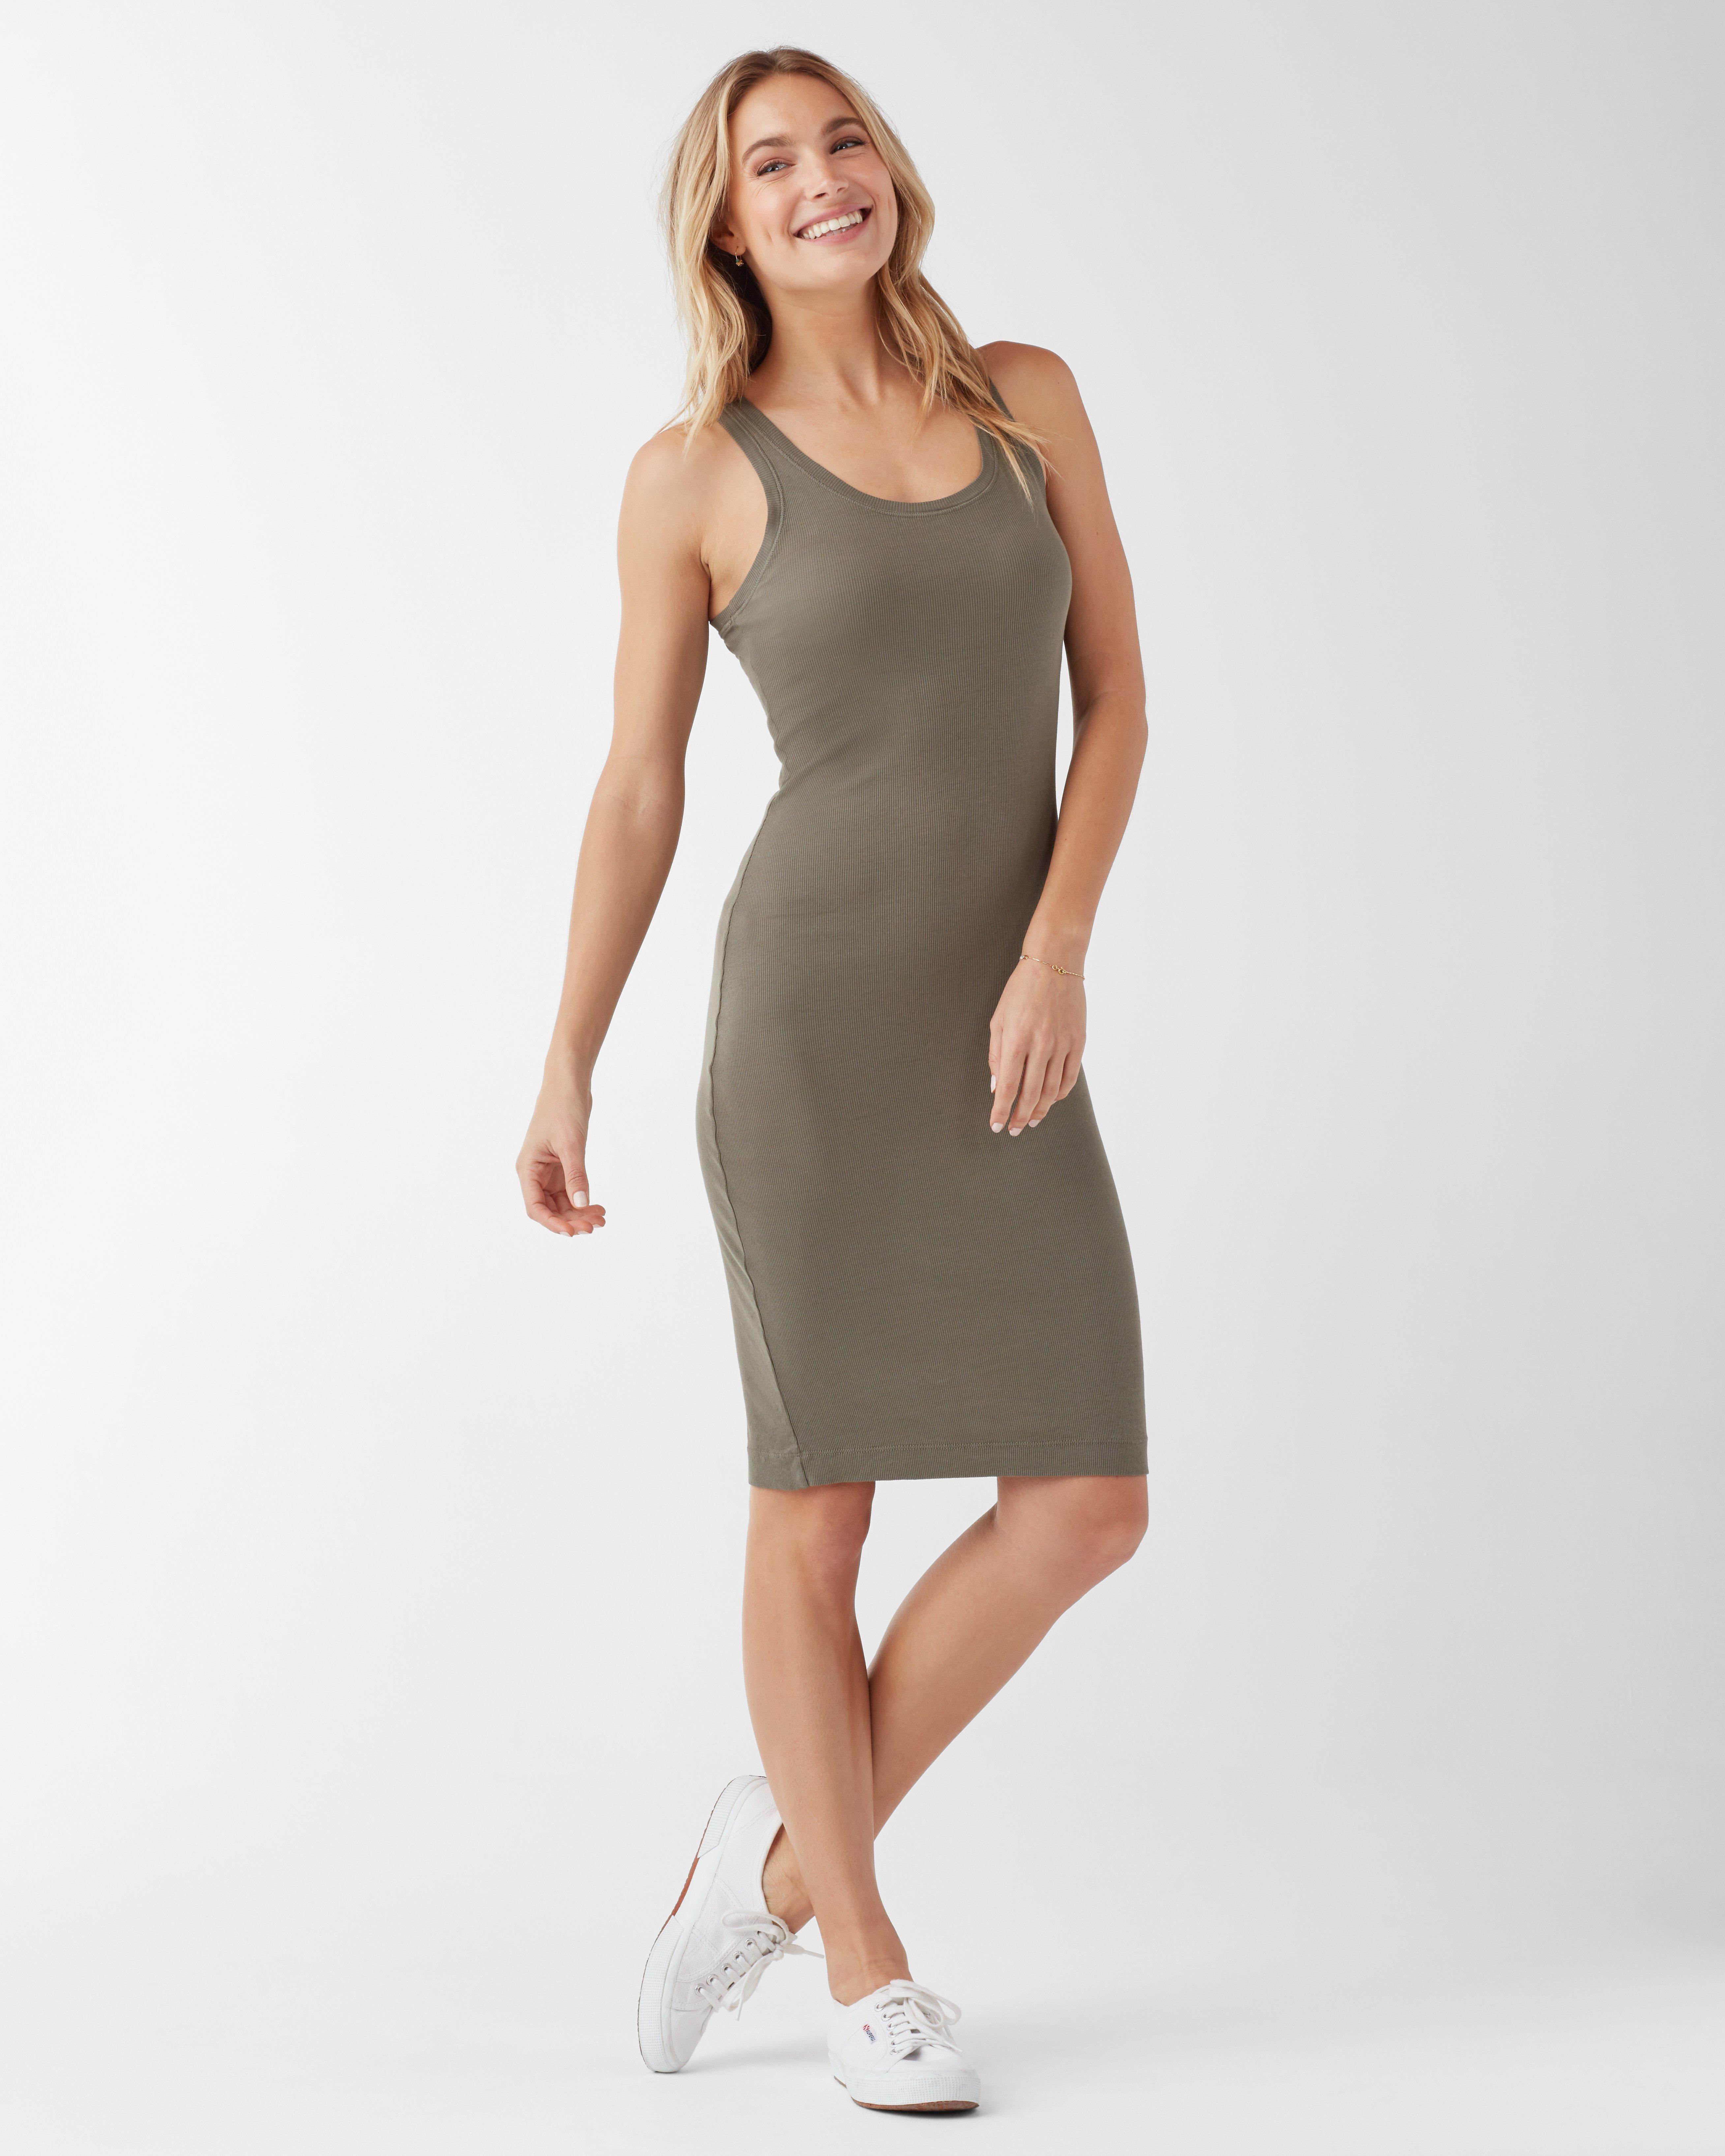 b6bf859b4fd Splendid Rib Tank Dress in Green - Save 40% - Lyst